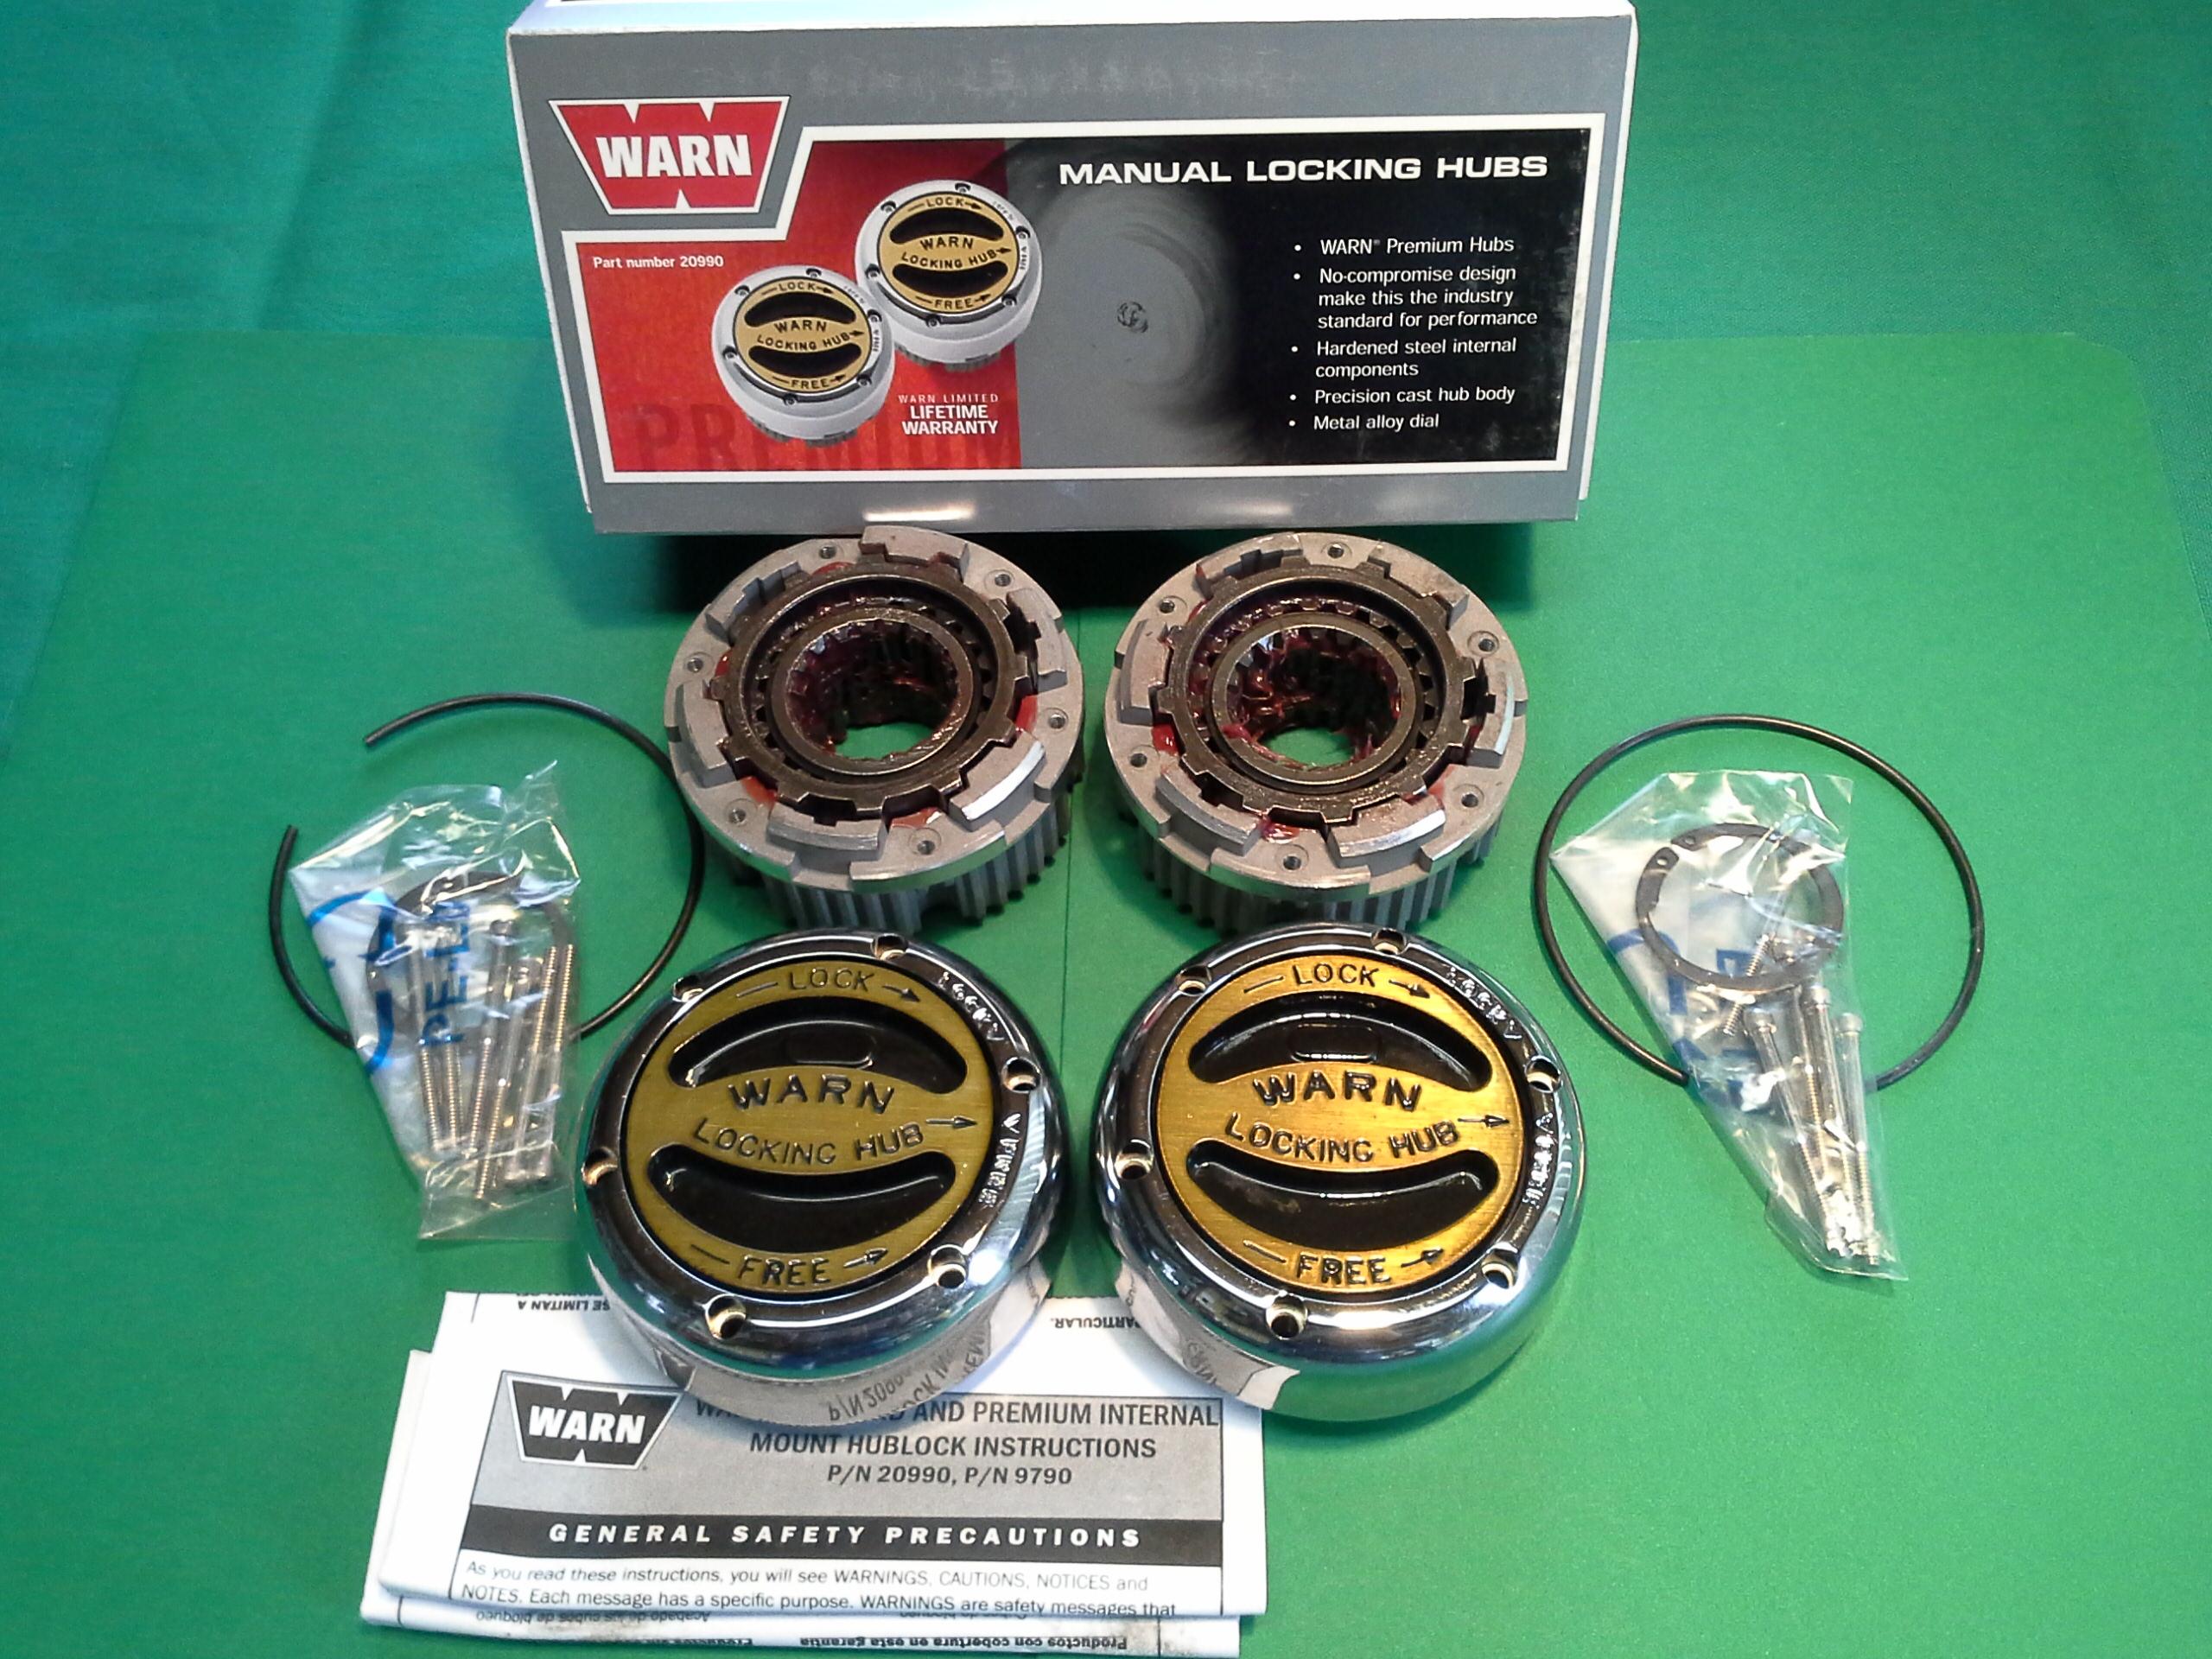 1999 gmc jimmy manual locking hubs